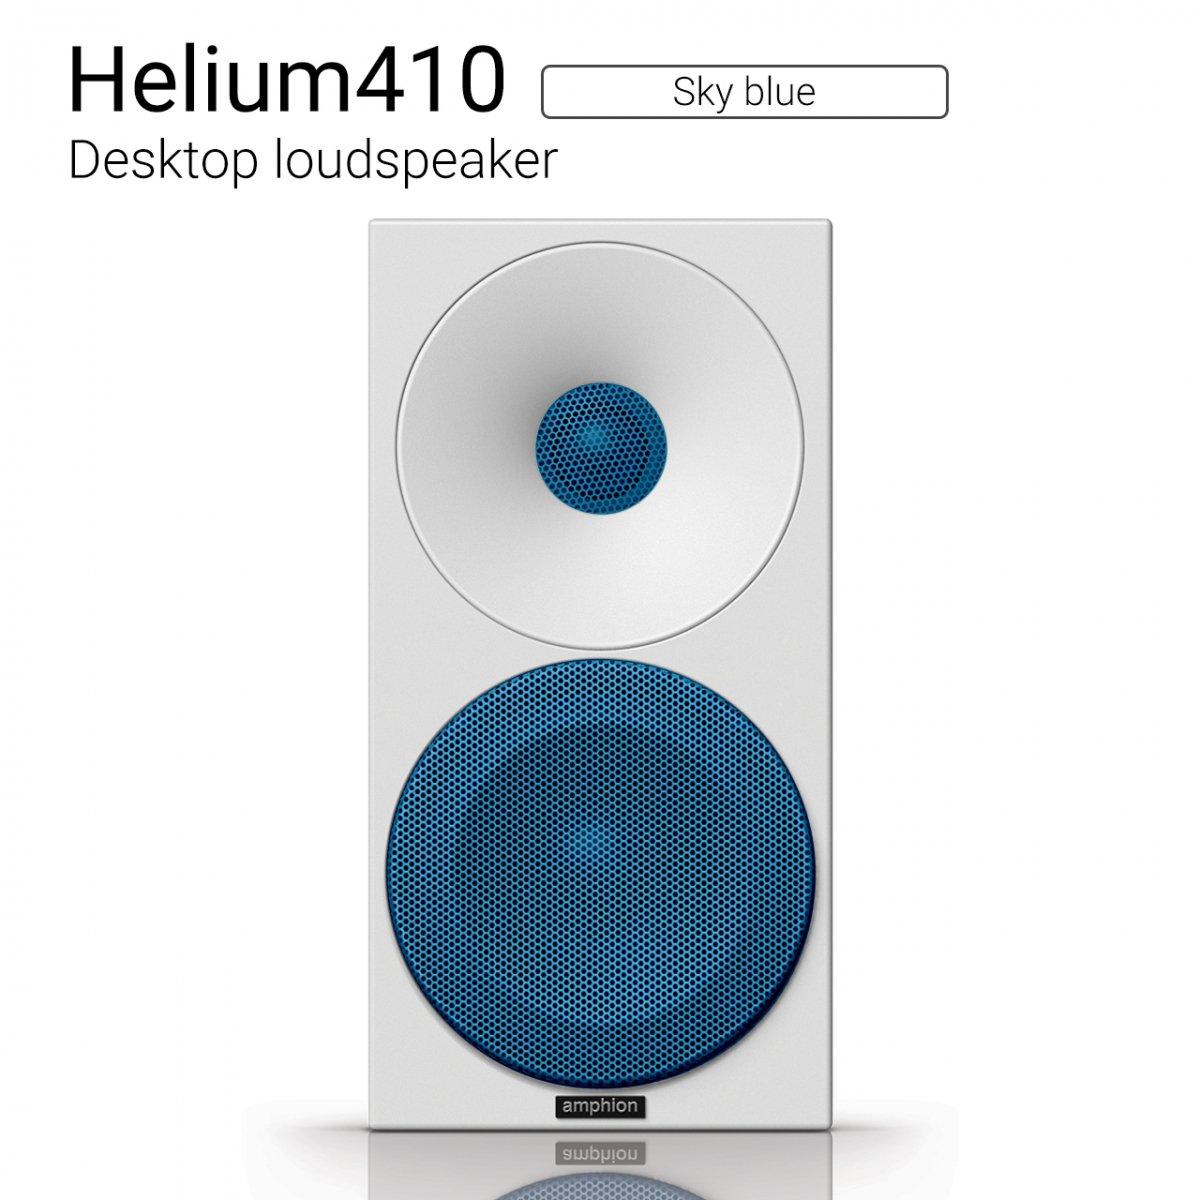 【優れた北欧センス】Helium410 (Sky blue) Desktop loudspeaker【ペア】